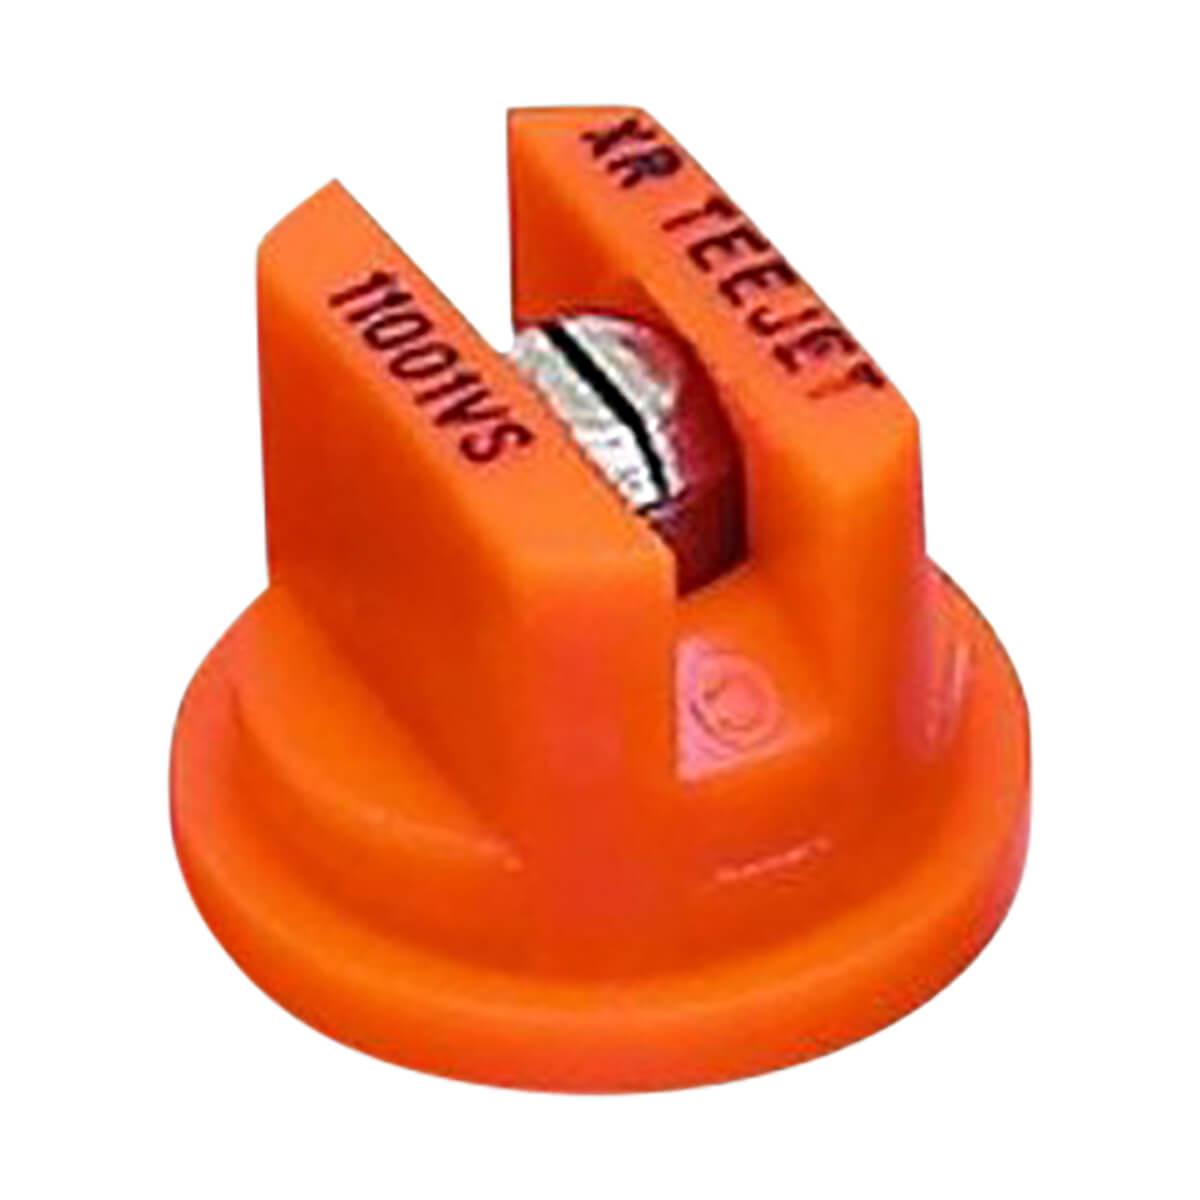 Teejet XR 110 Degree Extended Range Spray Tip - 4 pack, Orange